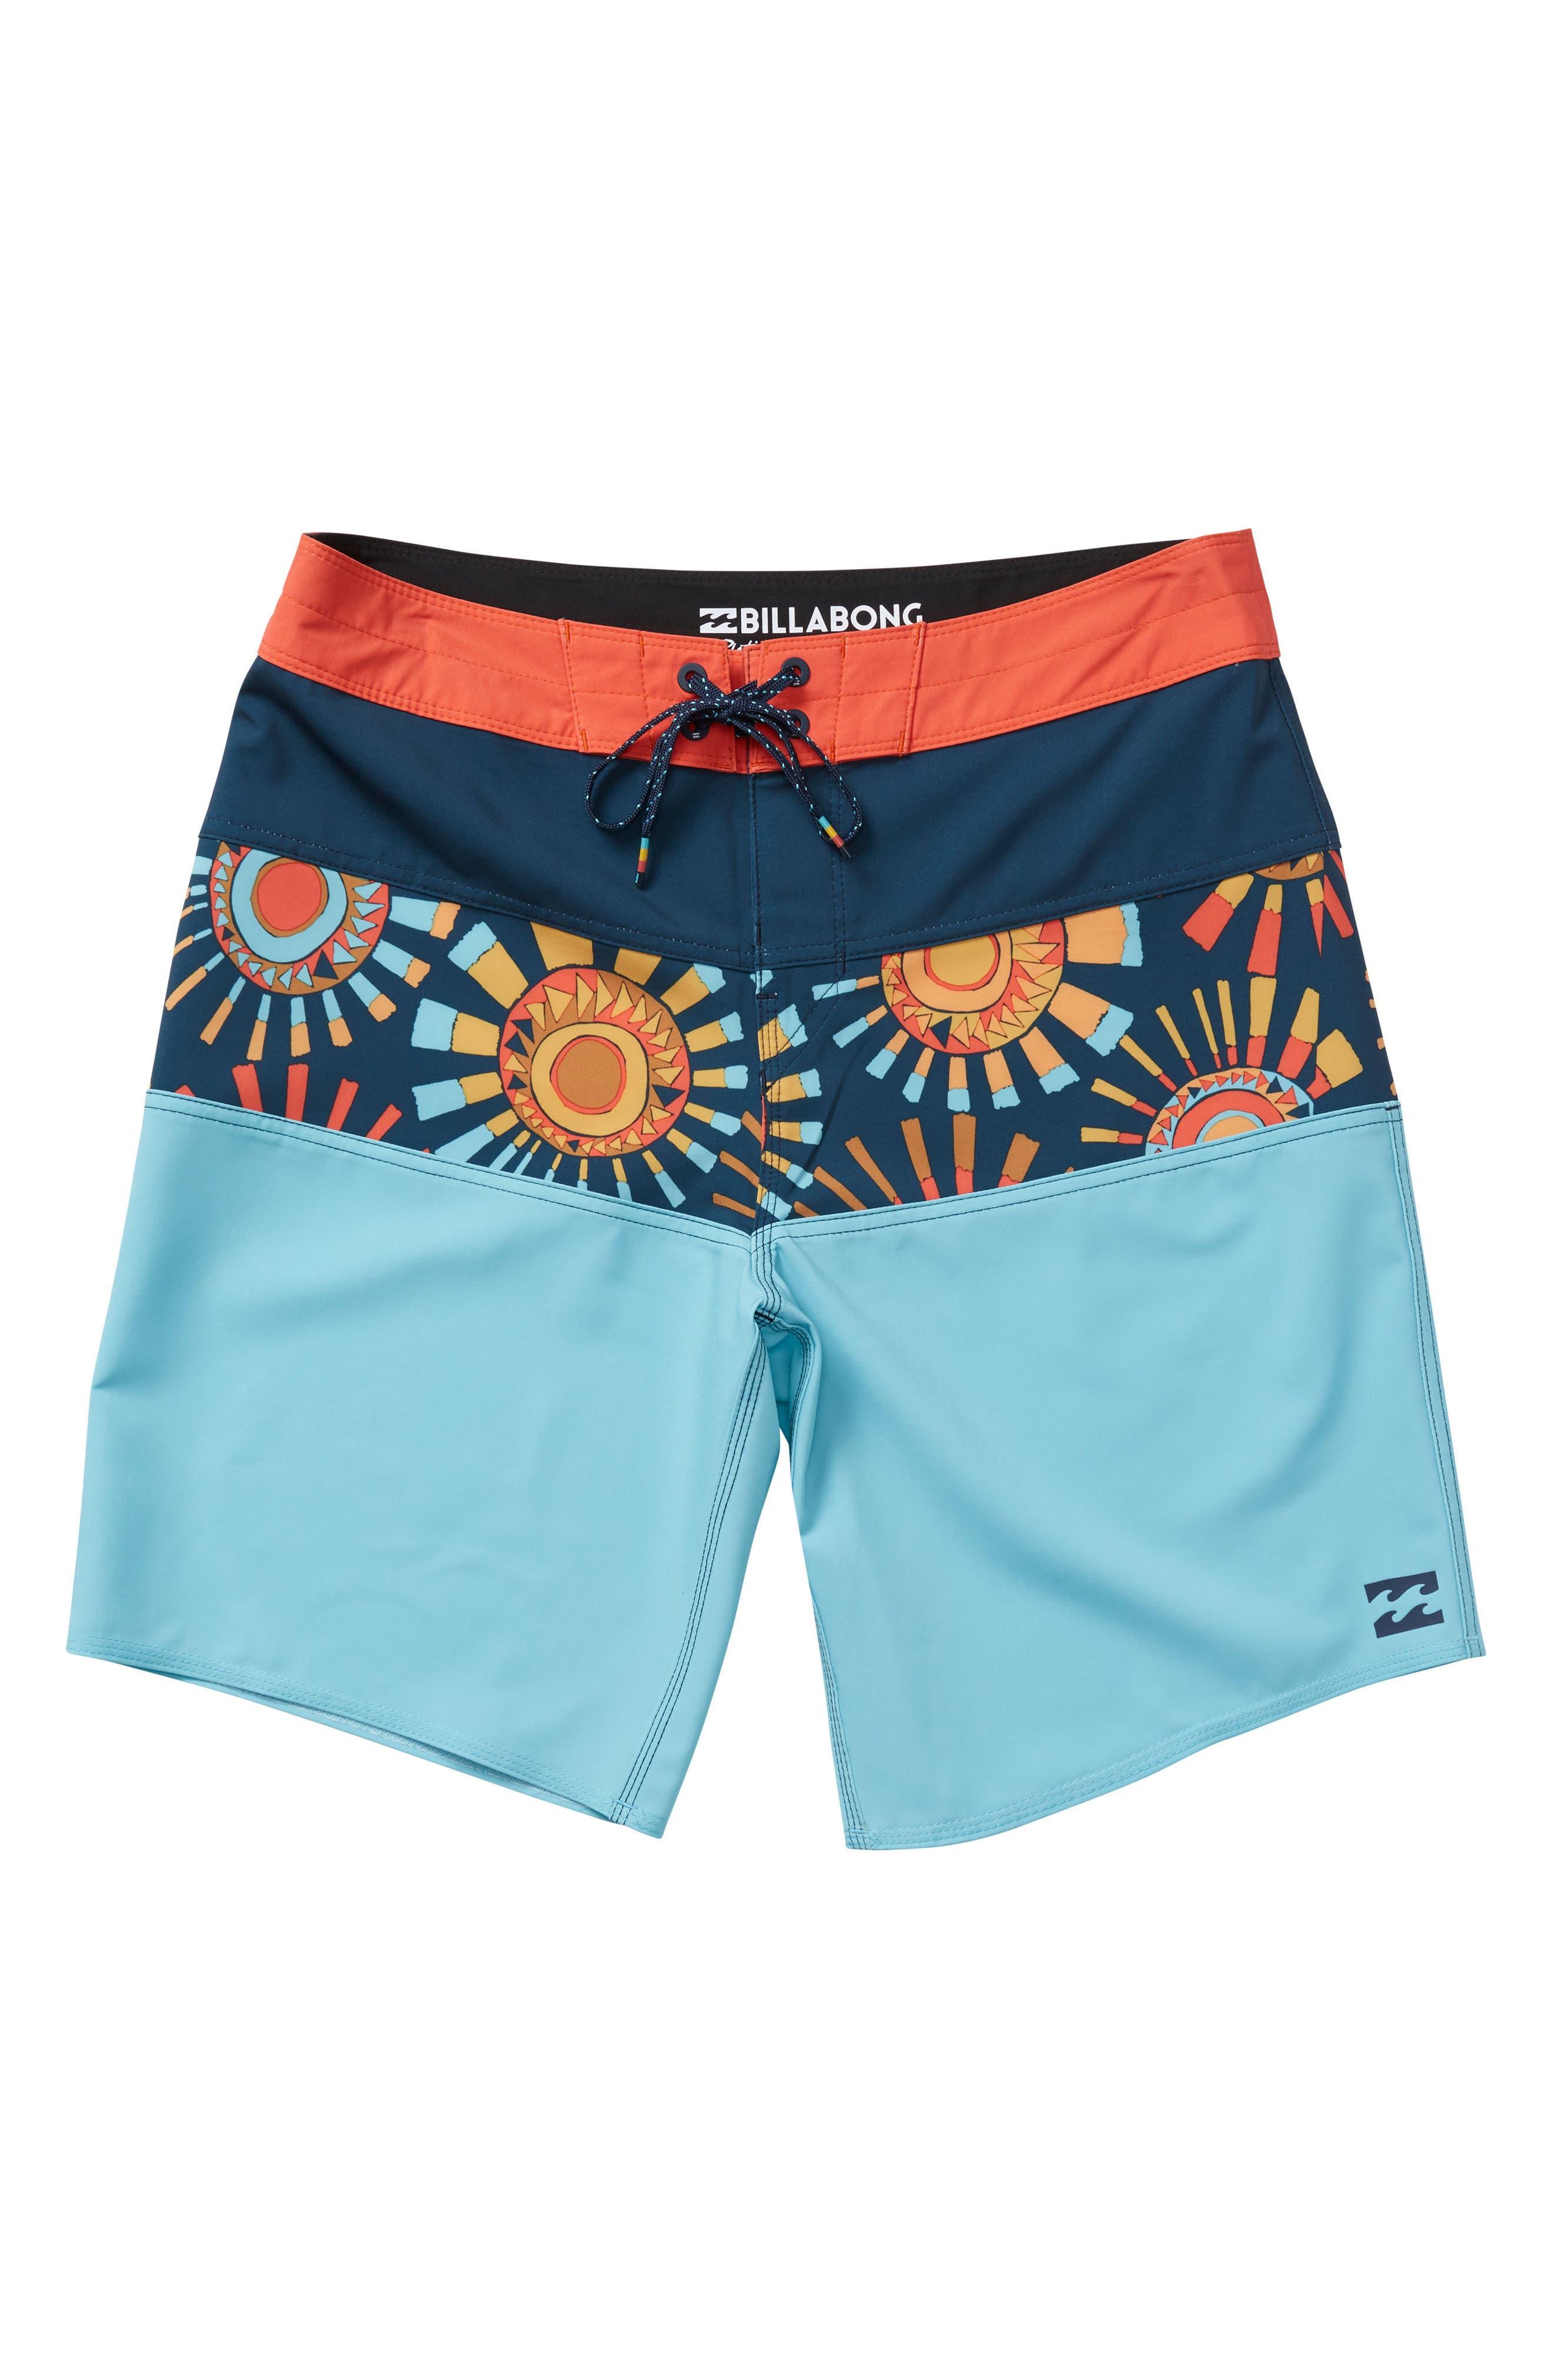 Tribong X Board Shorts,                             Main thumbnail 1, color,                             Mint